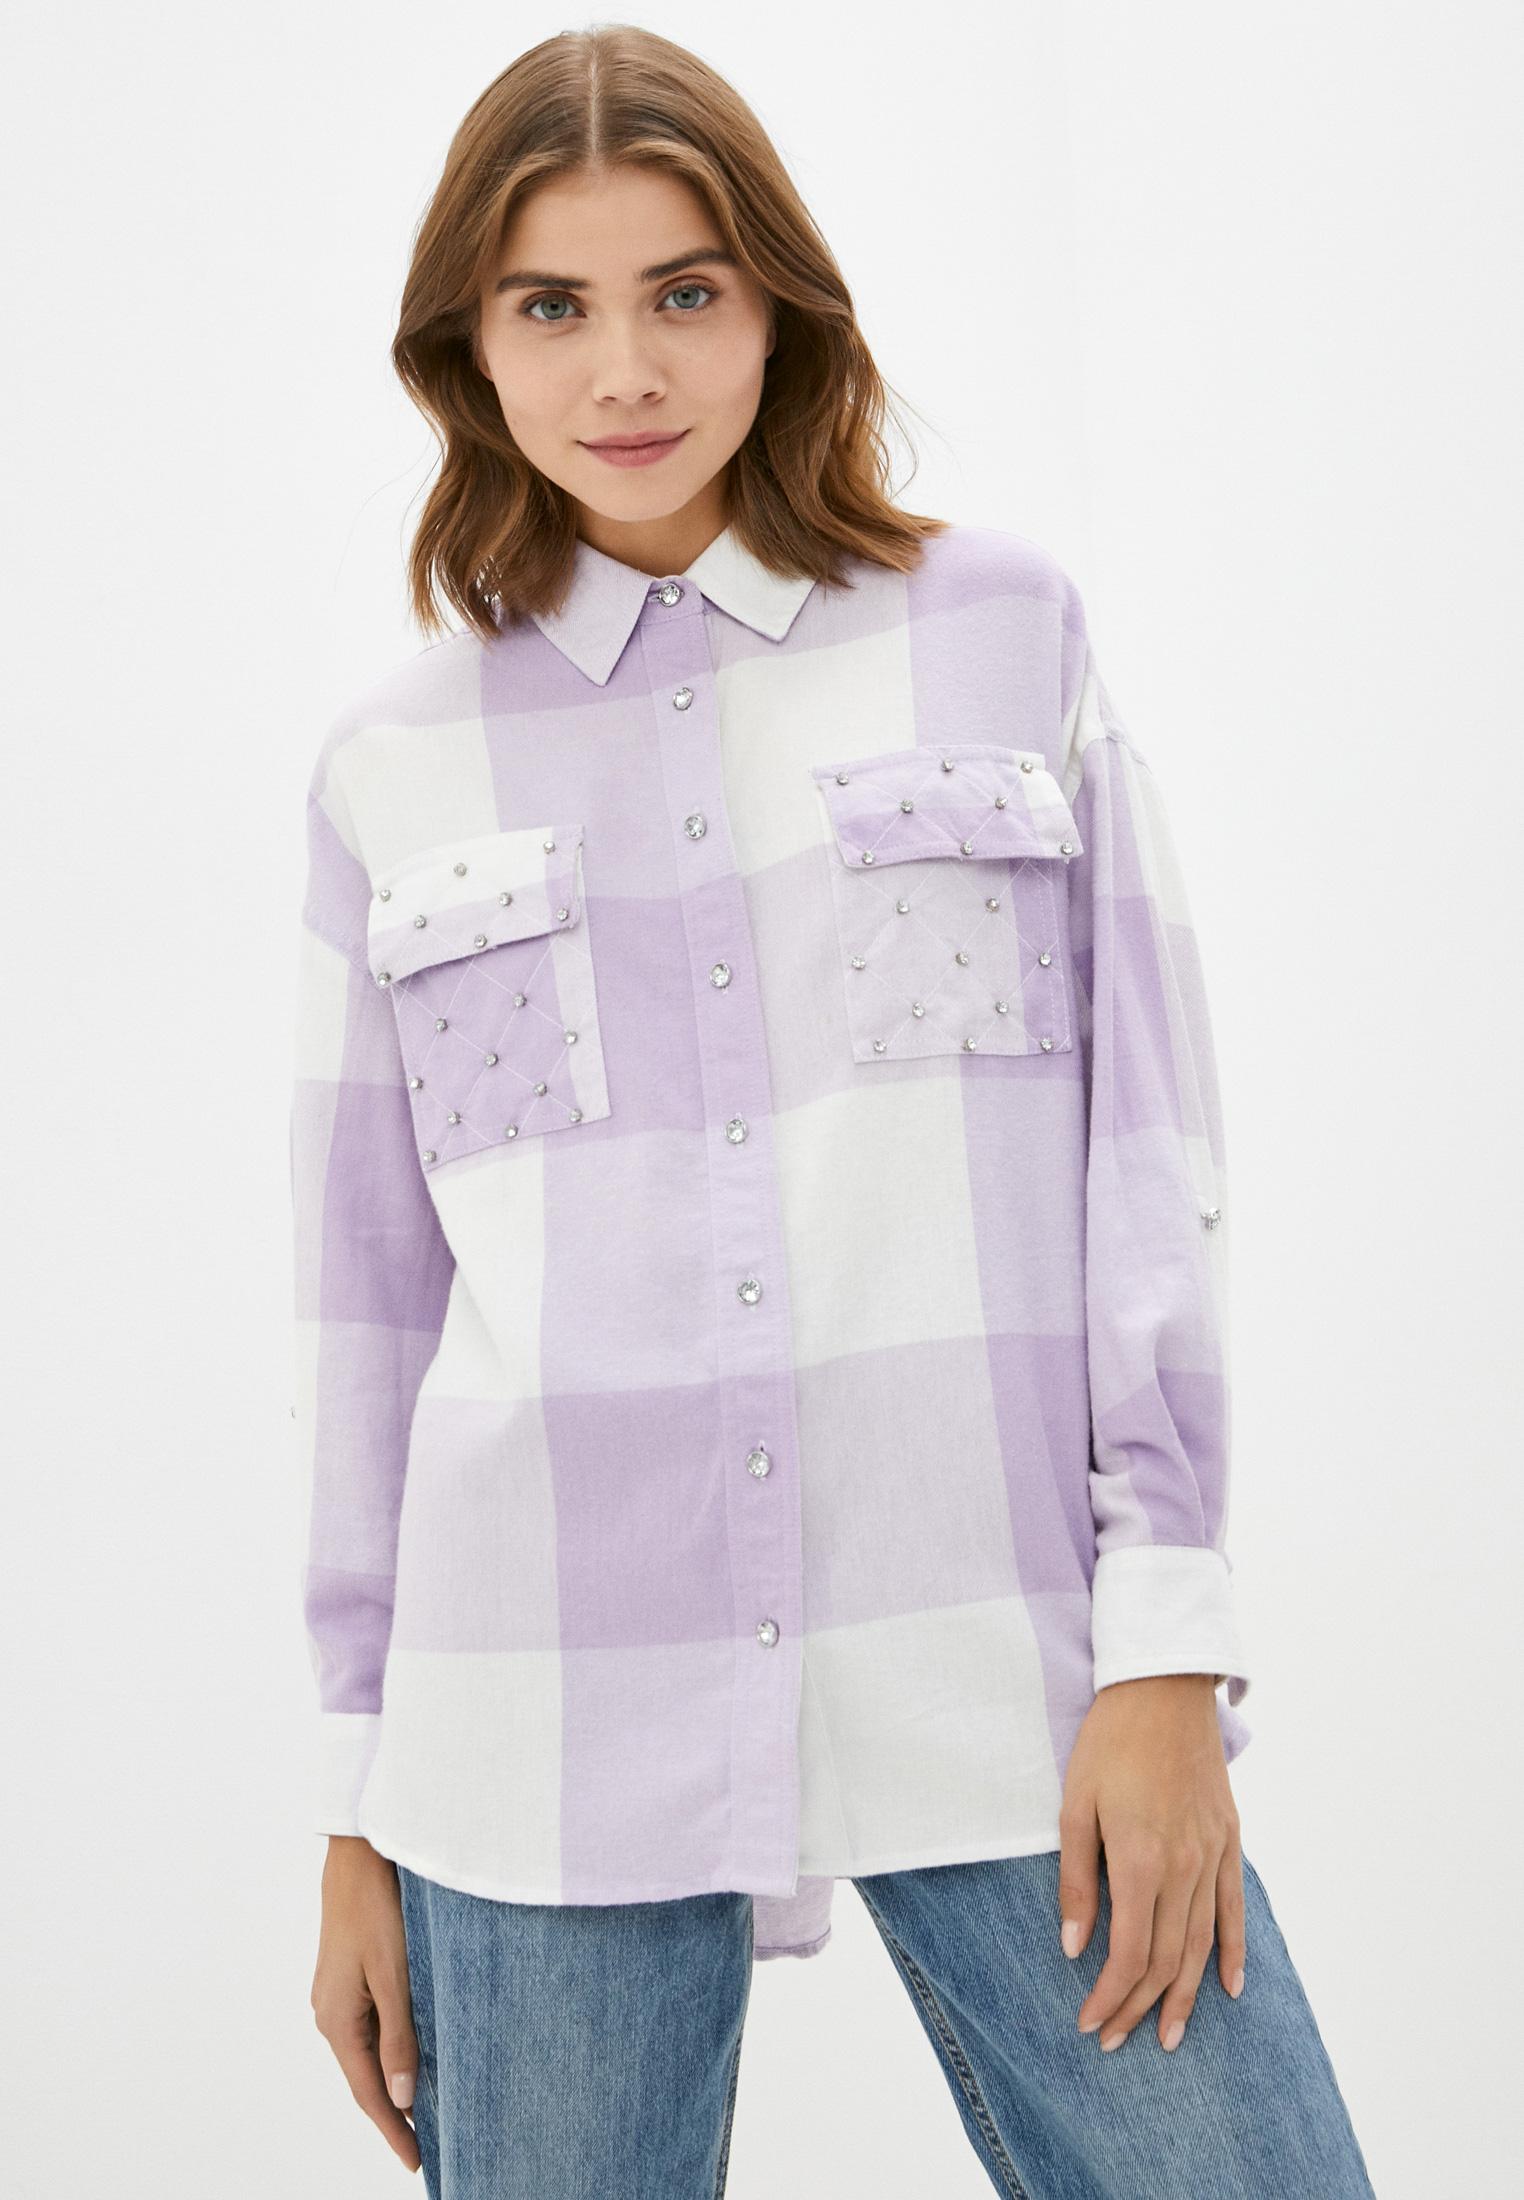 Женские рубашки с длинным рукавом River Island (Ривер Айленд) Рубашка River Island